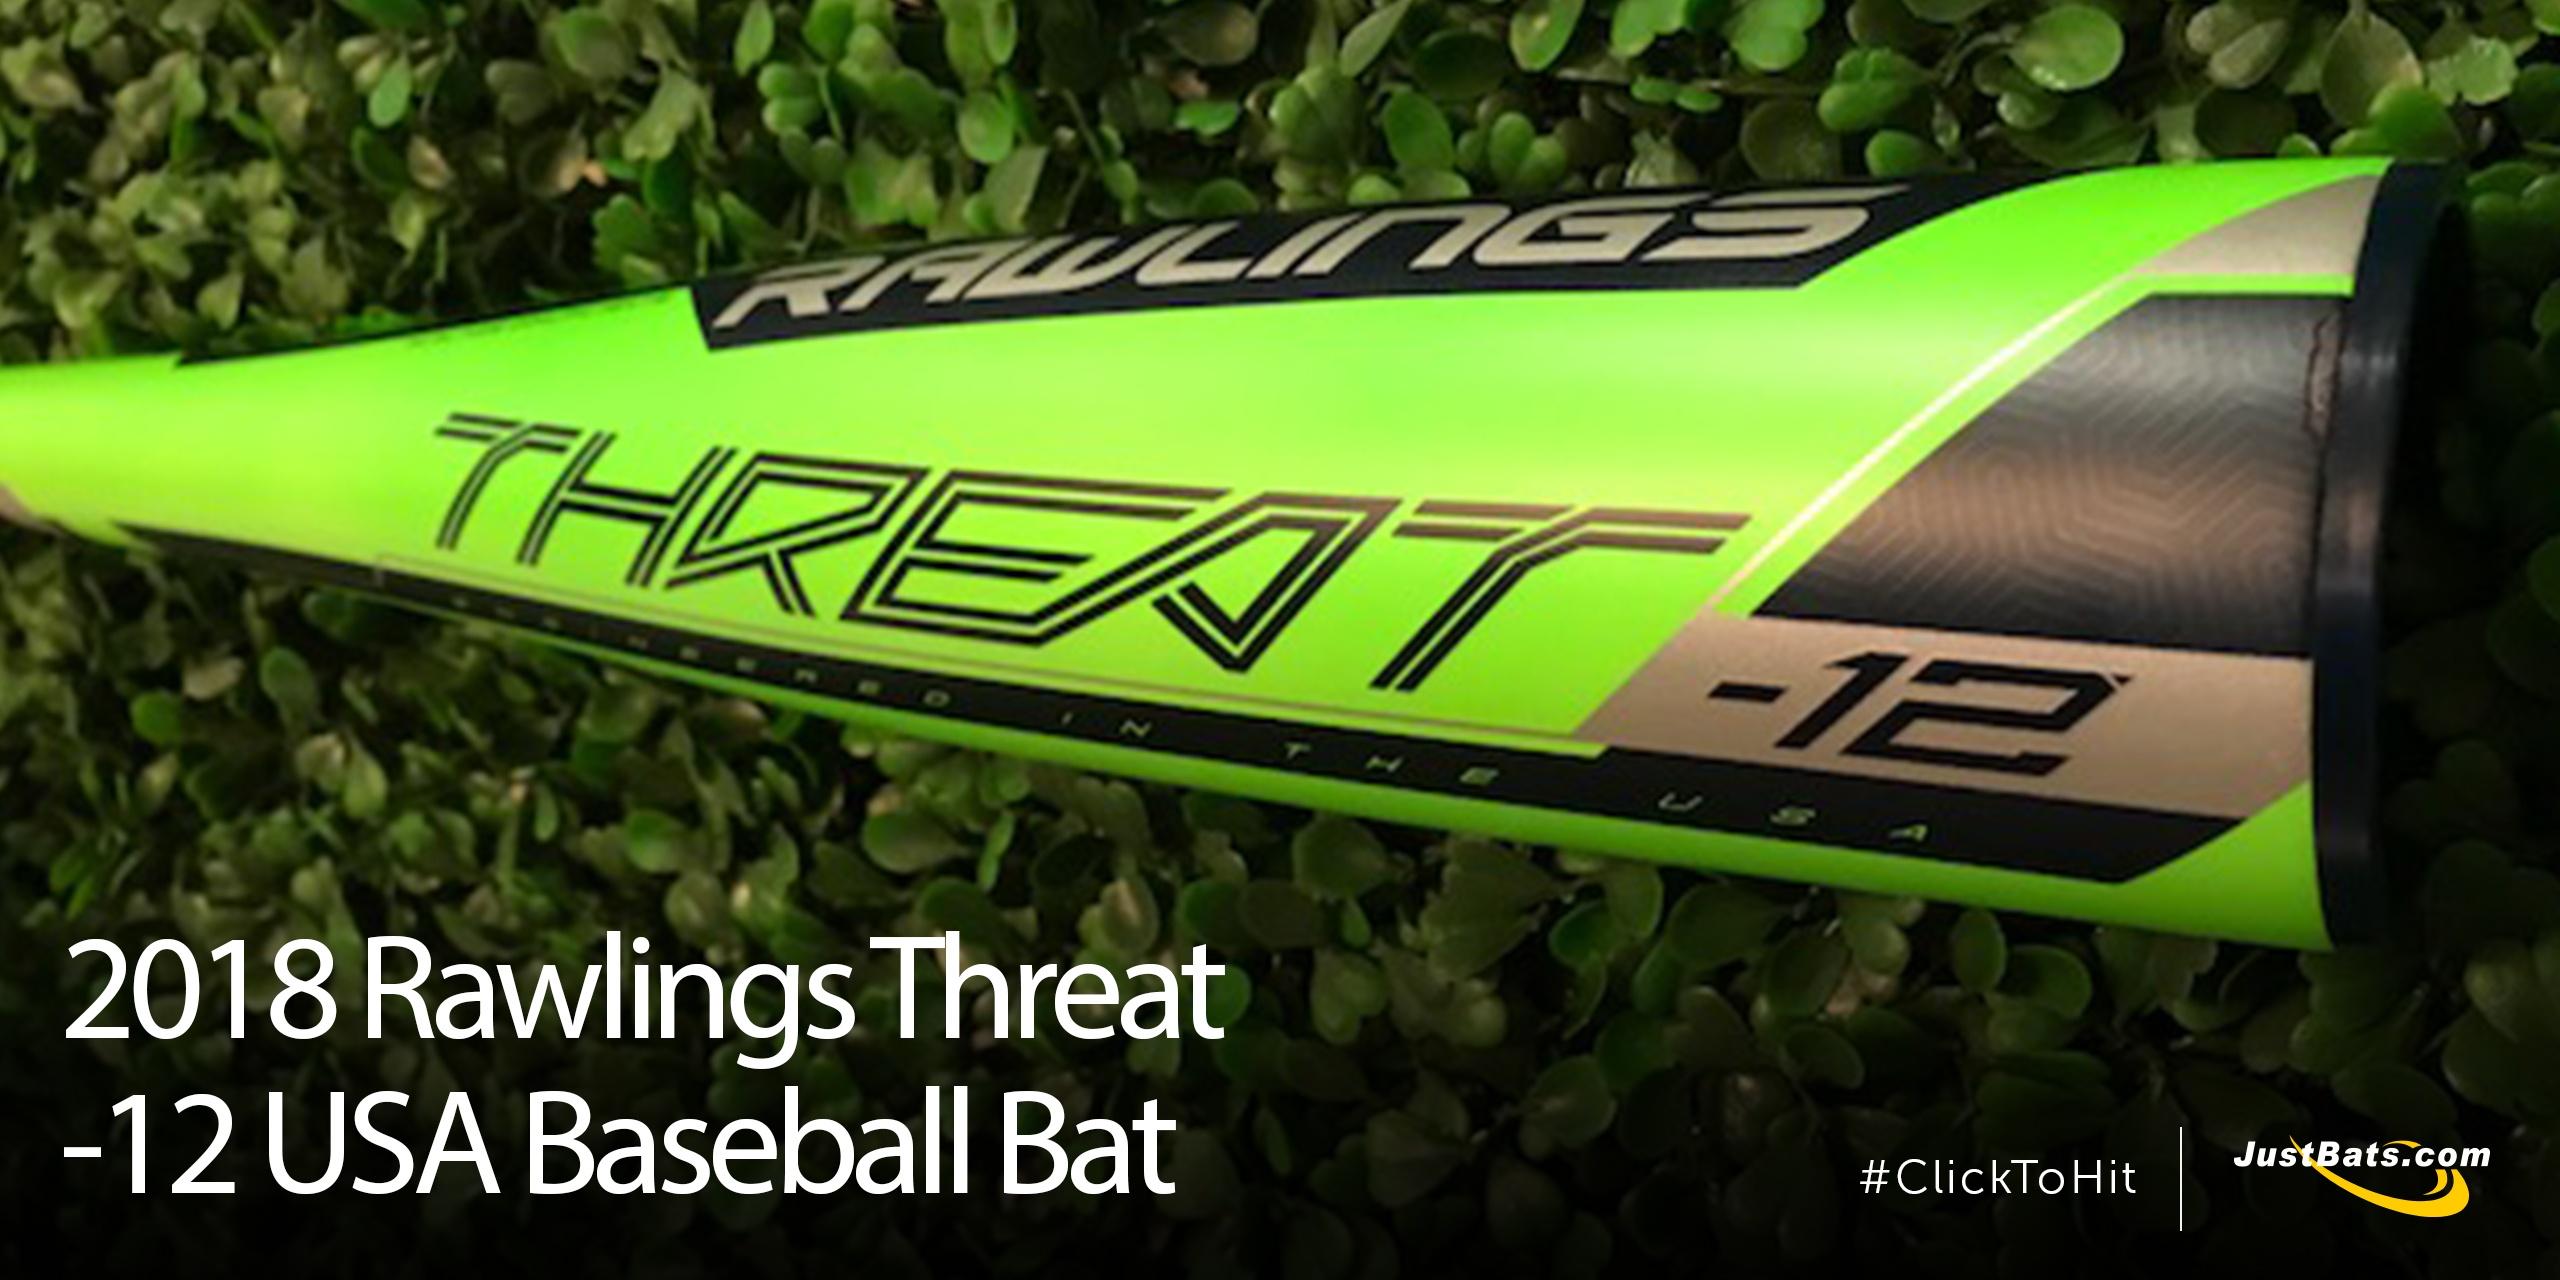 Rawlings Threat - Blog